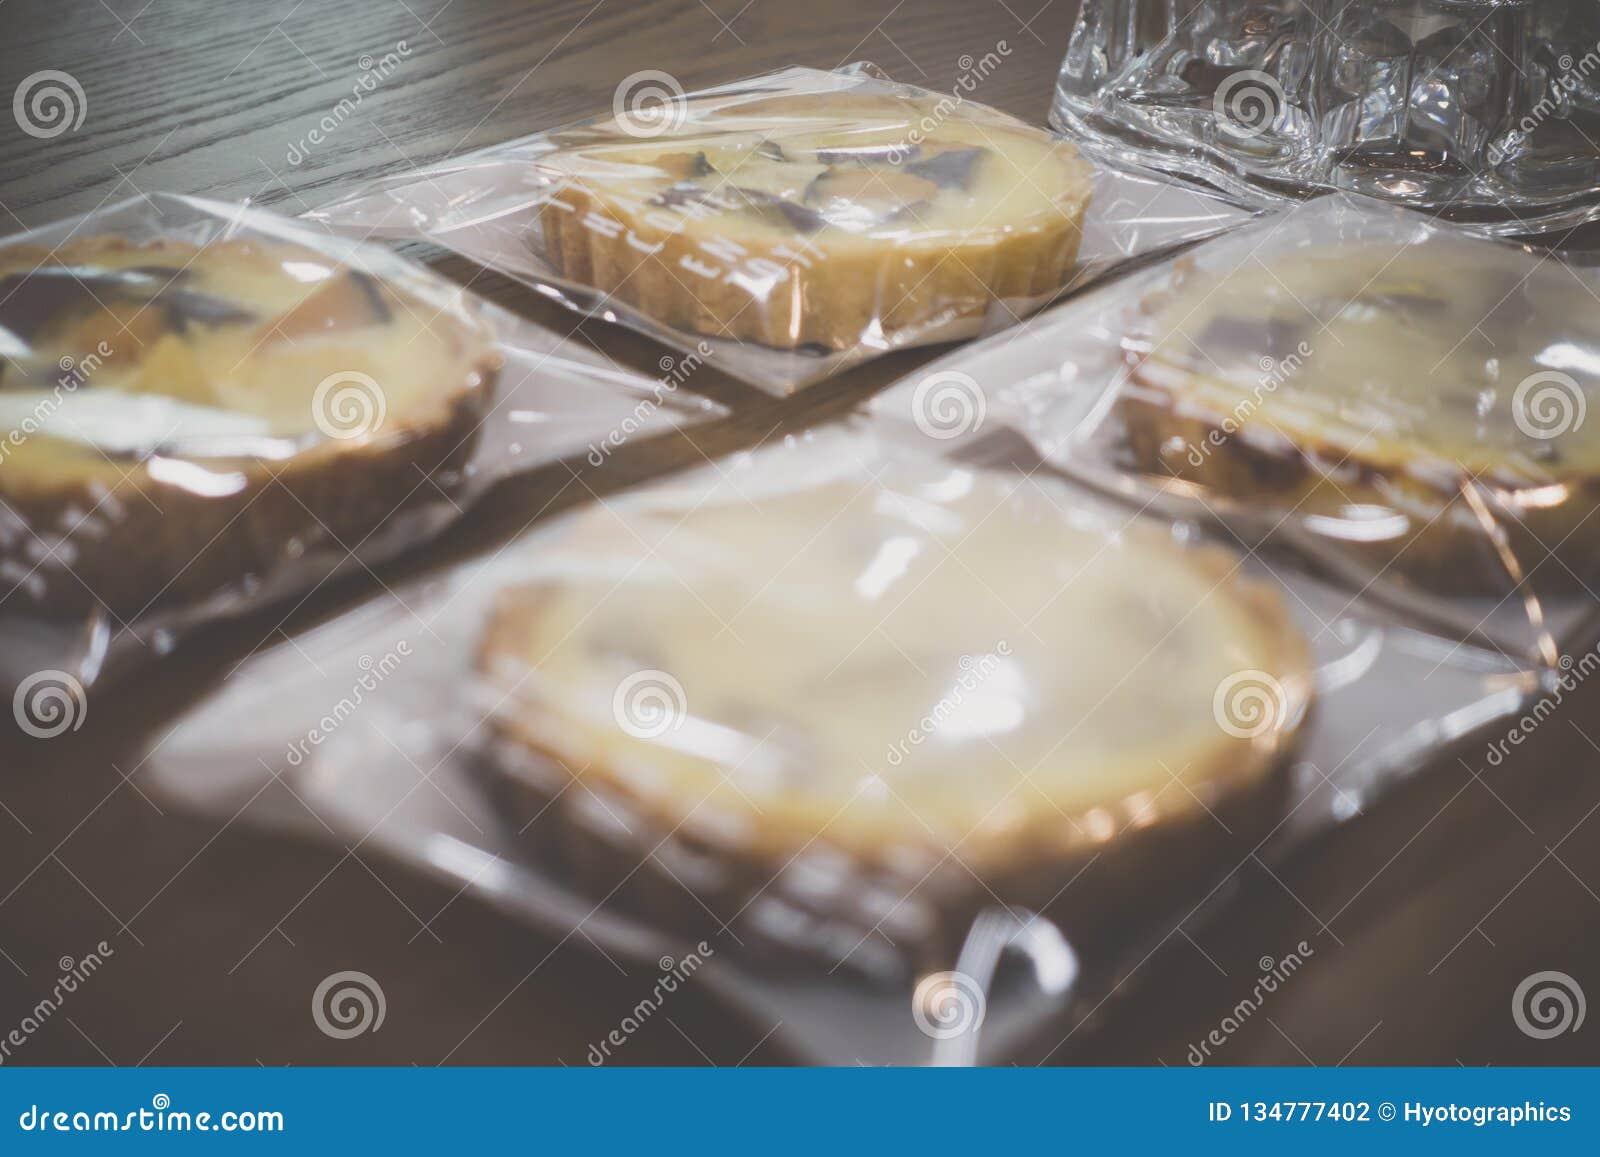 Πίτες τυλιγμένης γλυκιάς κολοκύθας και γλυκών πατατών στον ξύλινο πίνακα